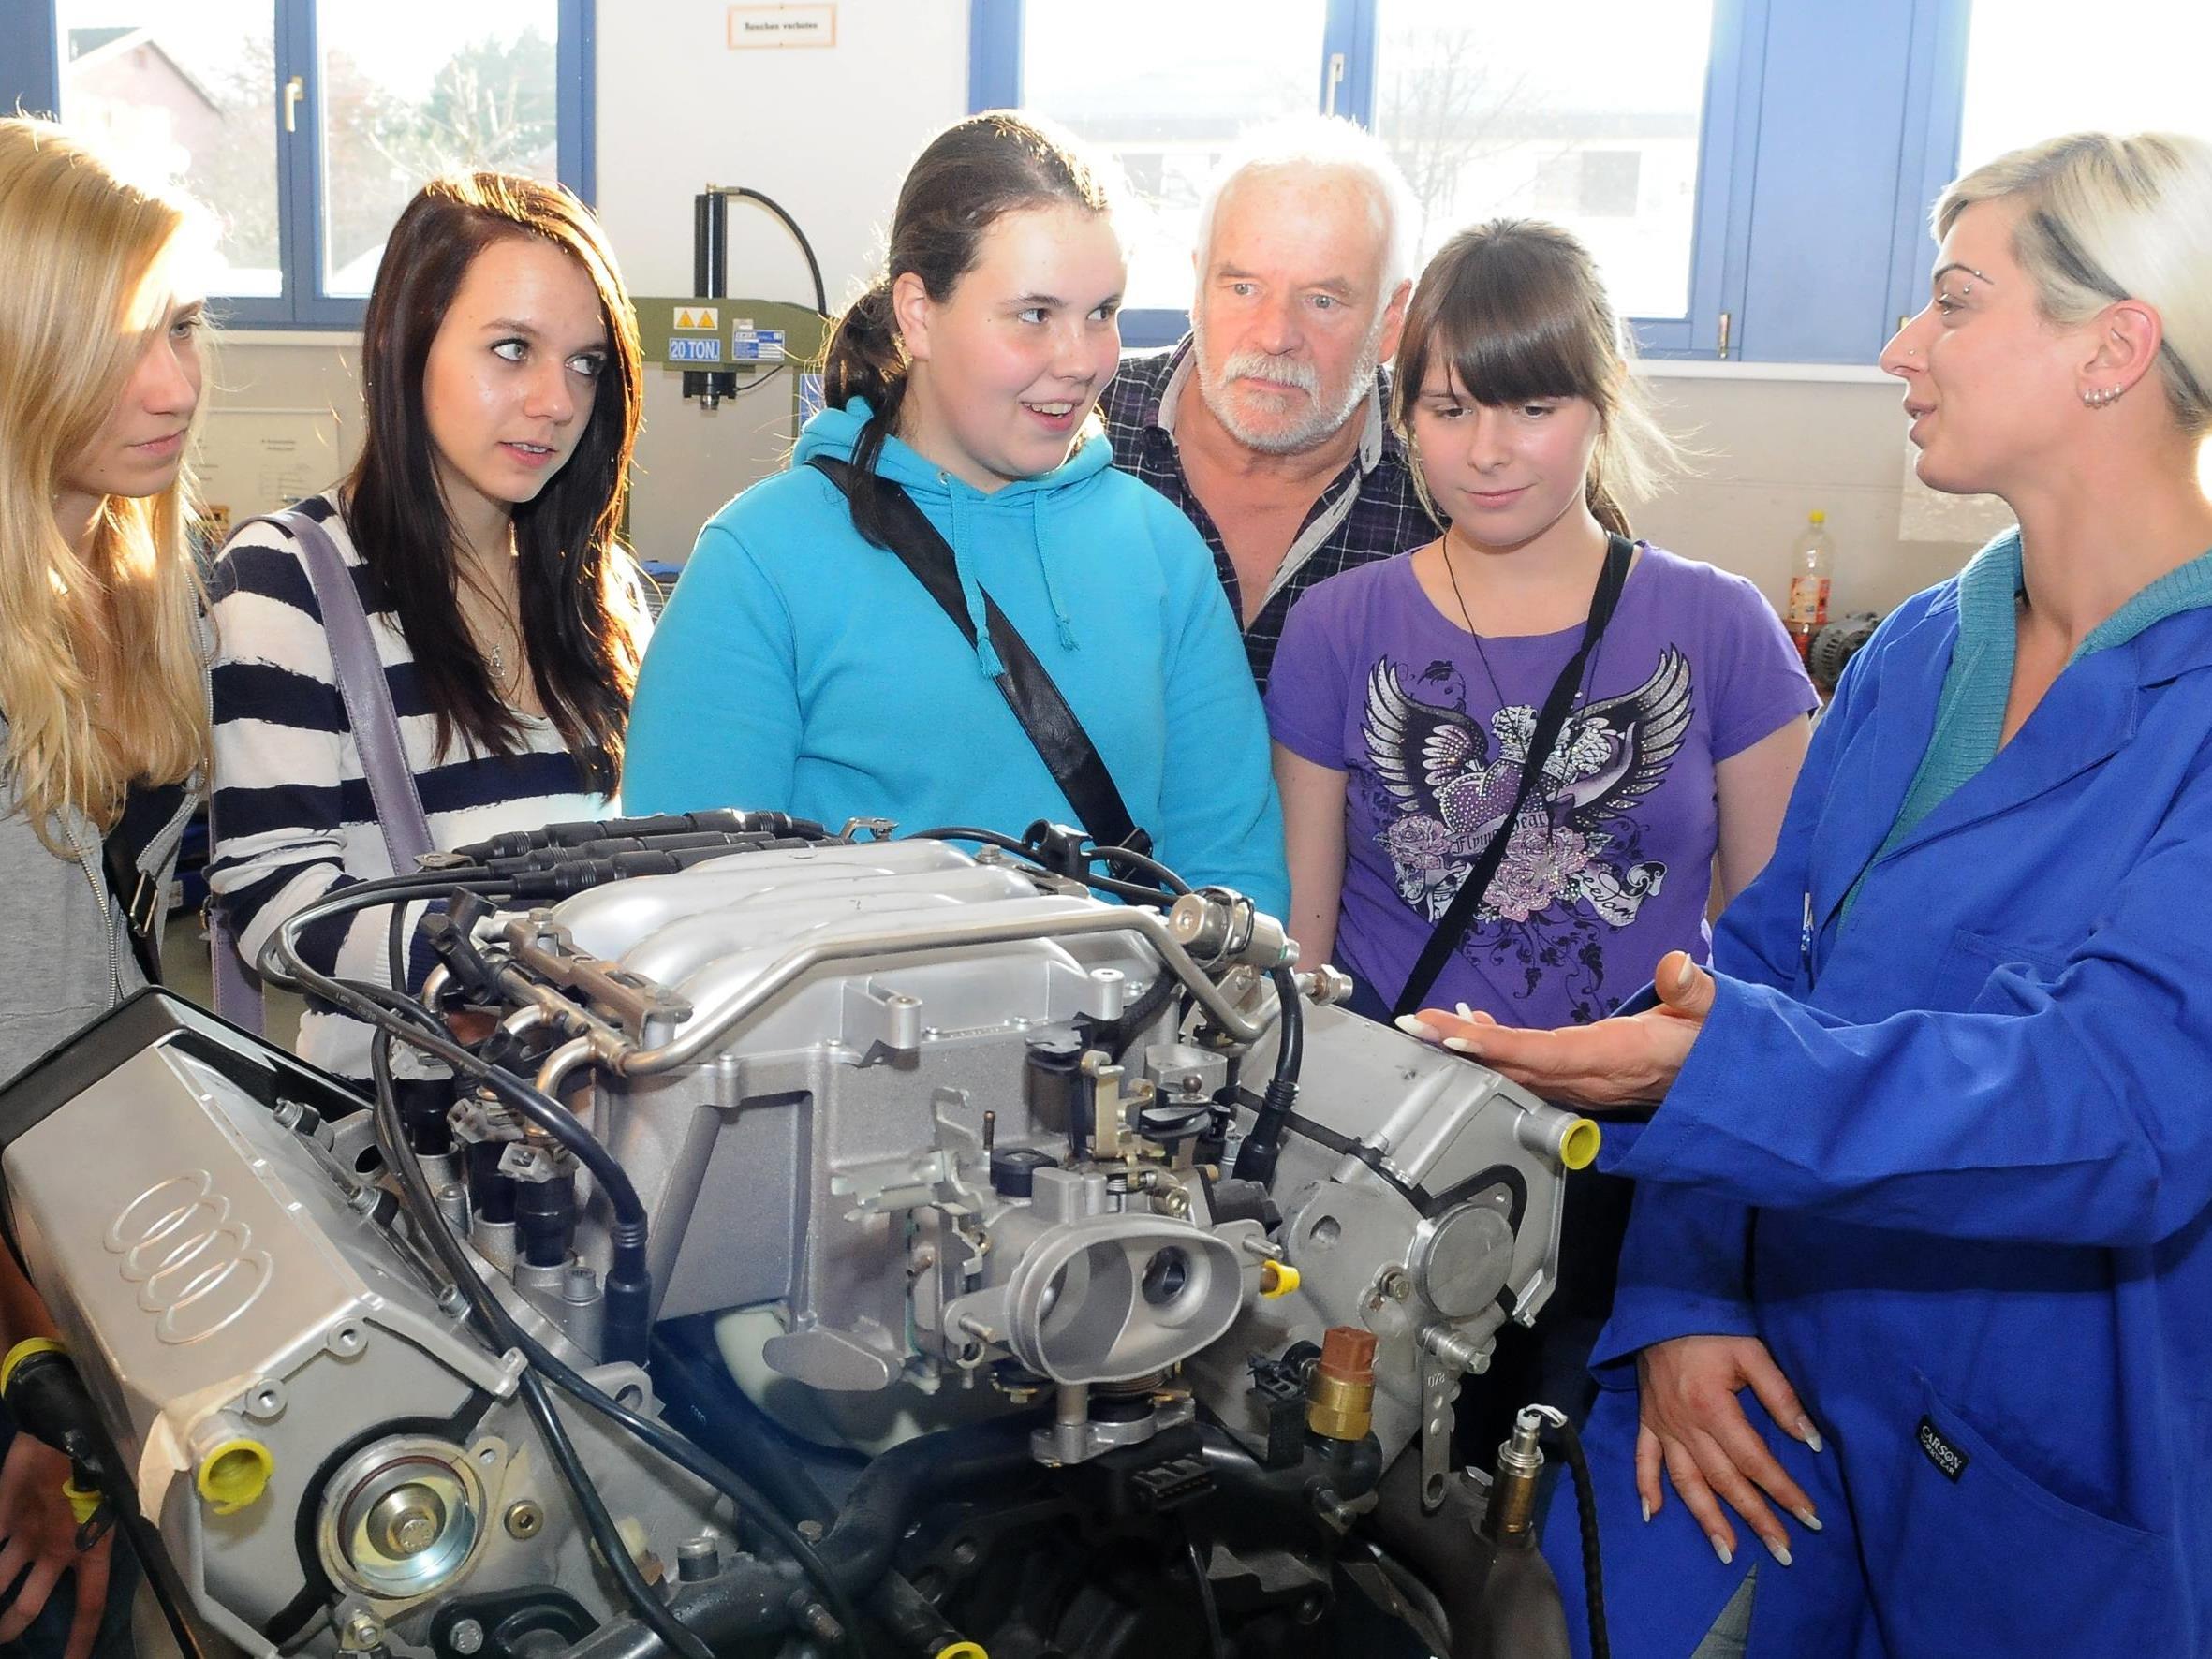 Je früher sich Jugendliche mit Berufsorientierung beschäftigen, desto eher erlernen sie einen Beruf, der ihren Fähigkeiten und Neigungen entspricht.